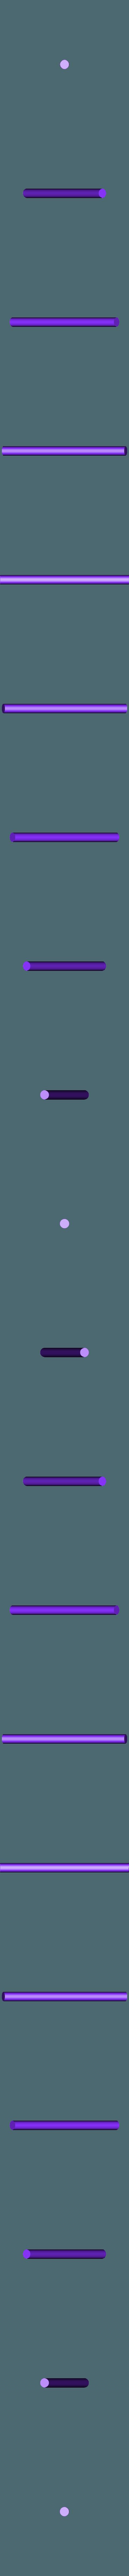 axle_4.STL Télécharger fichier STL gratuit MEGA Expansion 200+ Pièces • Plan à imprimer en 3D, Pwentey